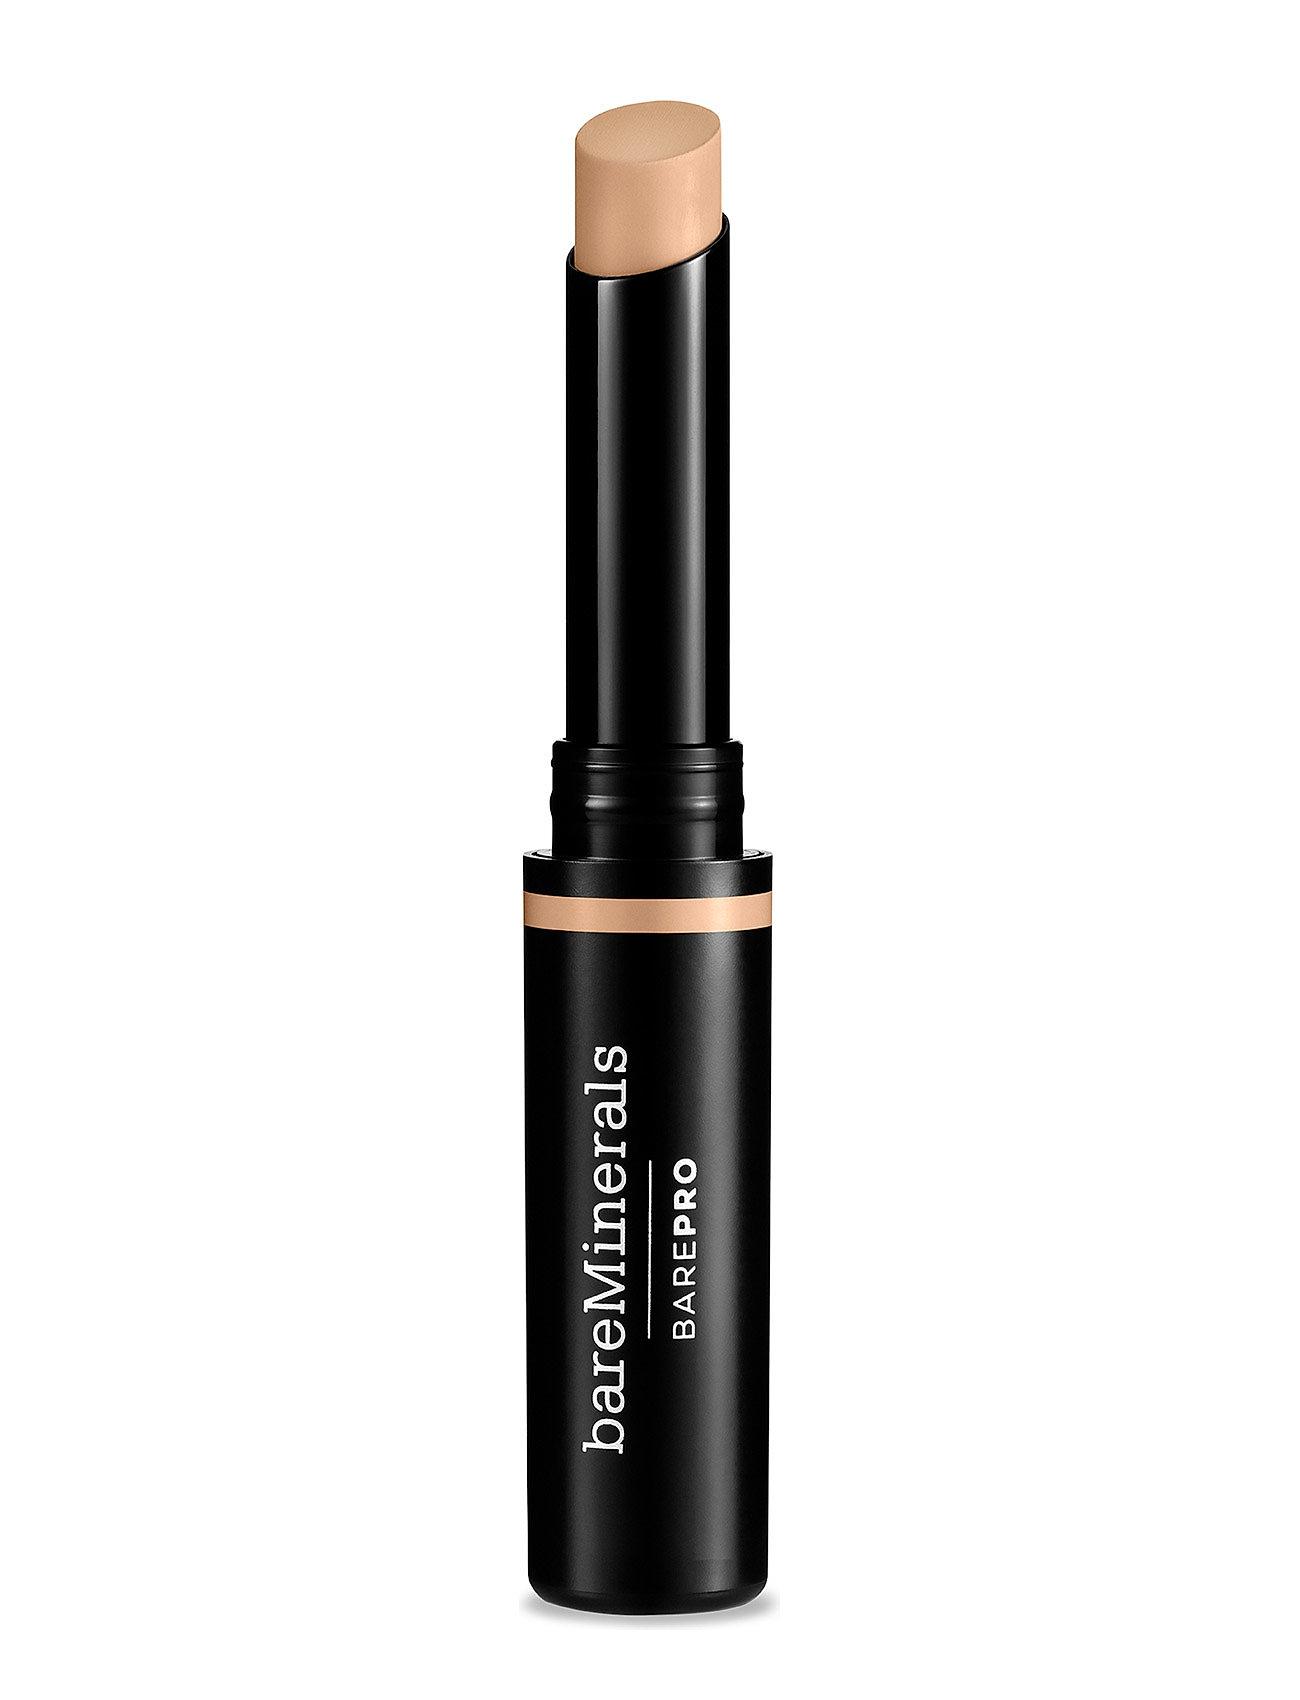 Image of Barepro 16-Hour Full Coverage Concealer Concealer Makeup BareMinerals (3400843581)